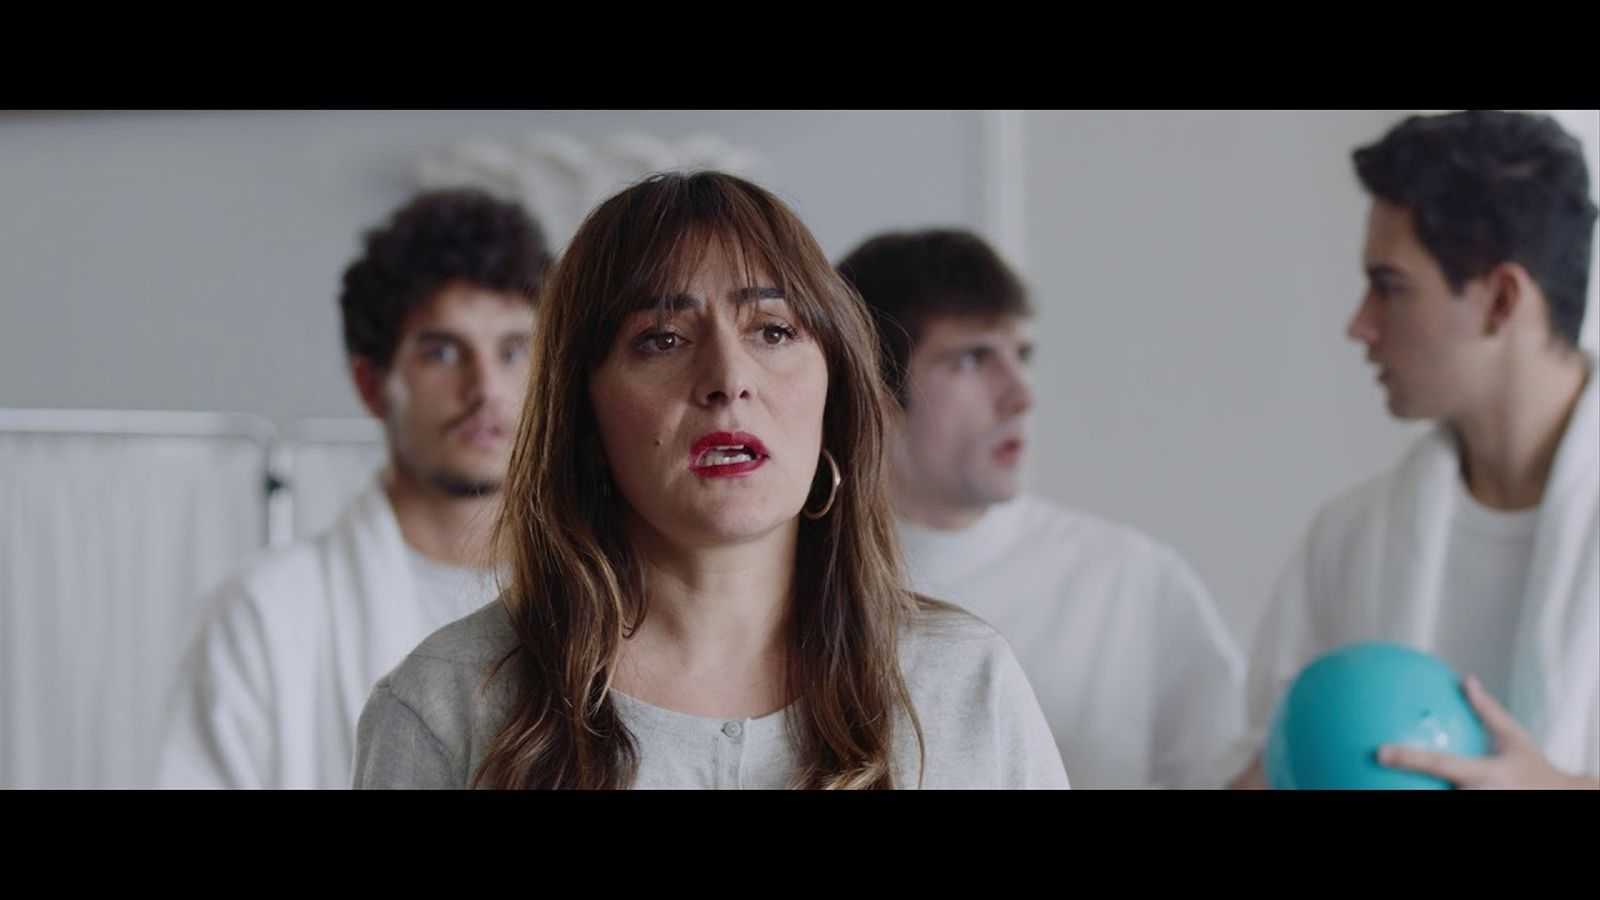 """Entitats de salut mental denuncien l'última campanya de Campofrío perquè """"fa mofa"""" dels malalts"""